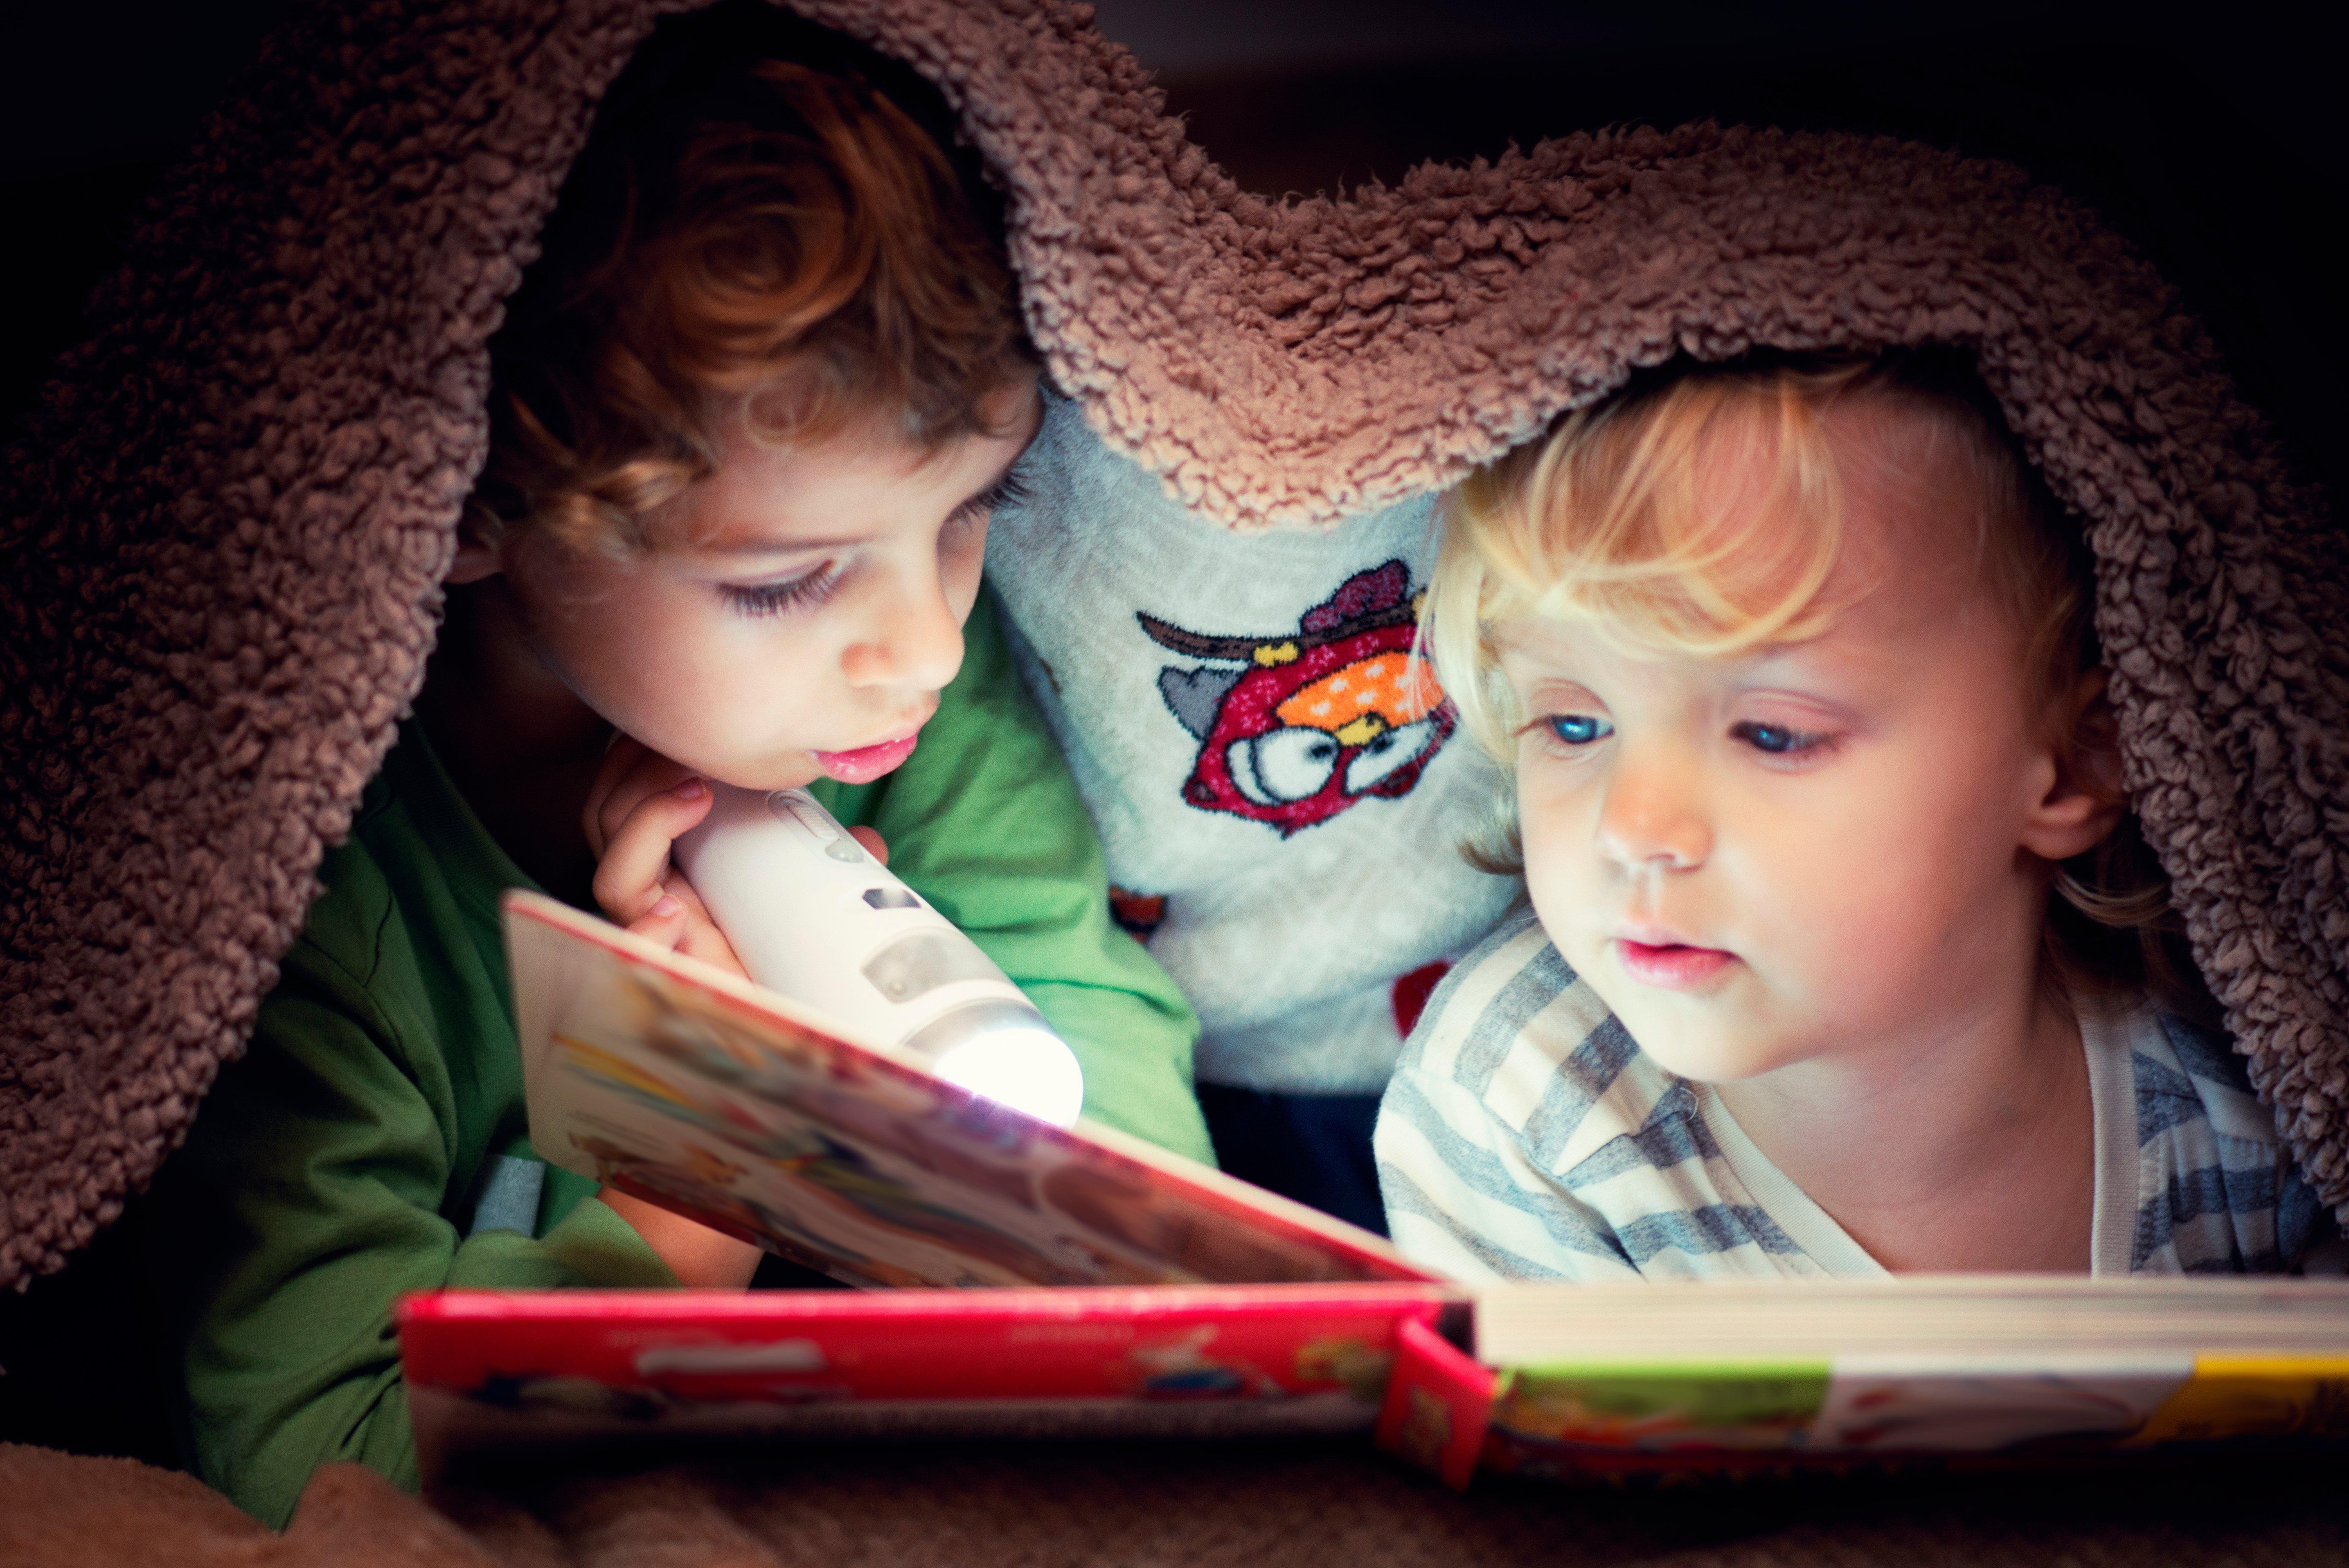 Un racconto da leggere insieme